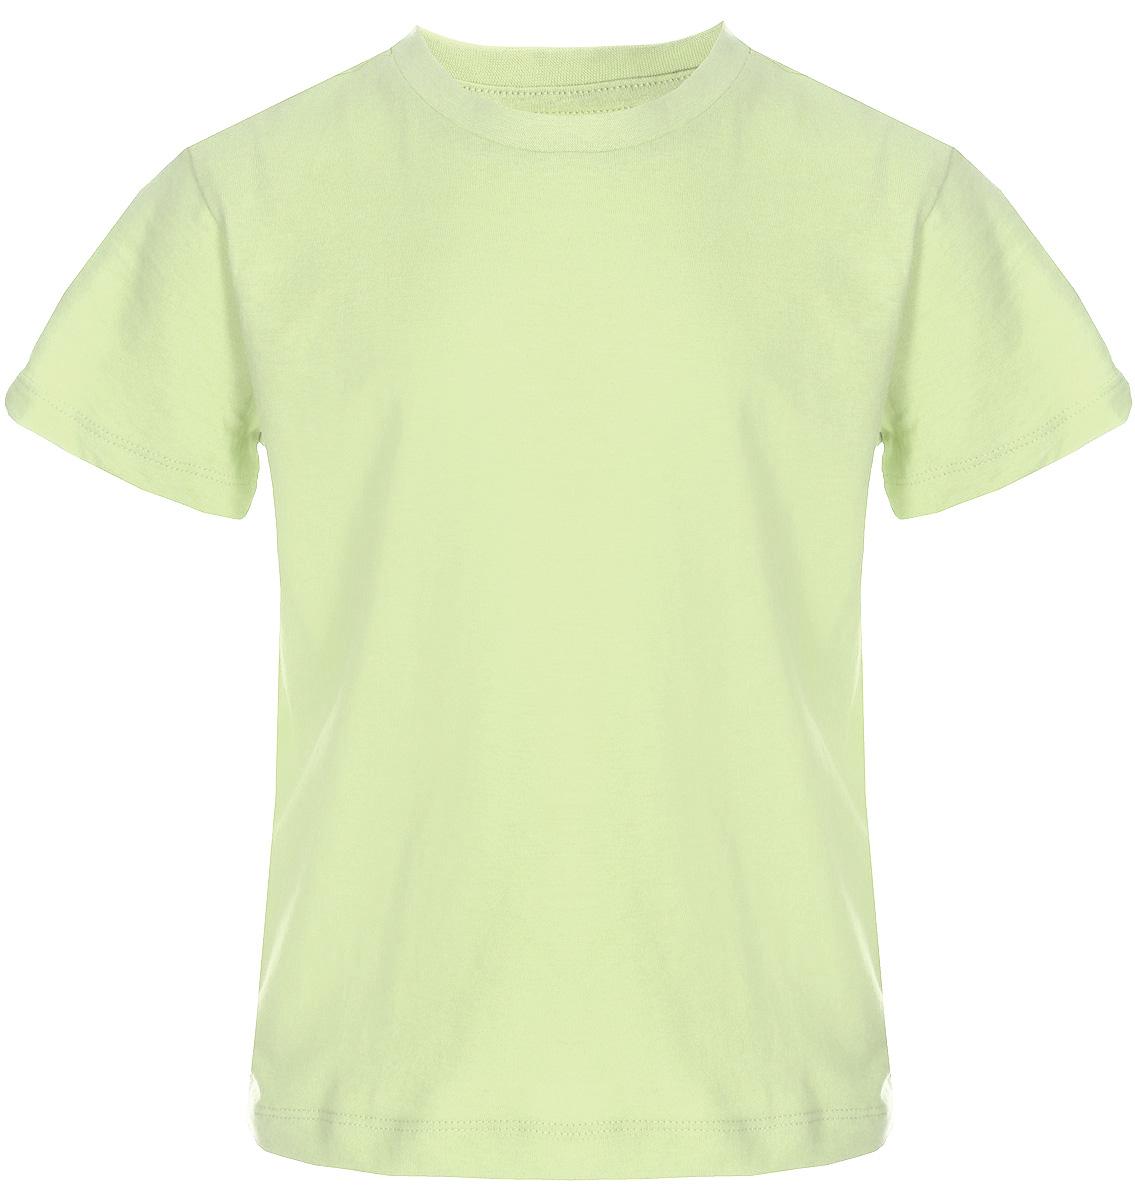 Футболка для мальчика Sela, цвет: желтый. Ts-711/533-8223. Размер 98Ts-711/533-8223Футболка для мальчика Sela выполнена из натурального хлопка. Модель с круглым вырезом горловины и короткими рукавами.